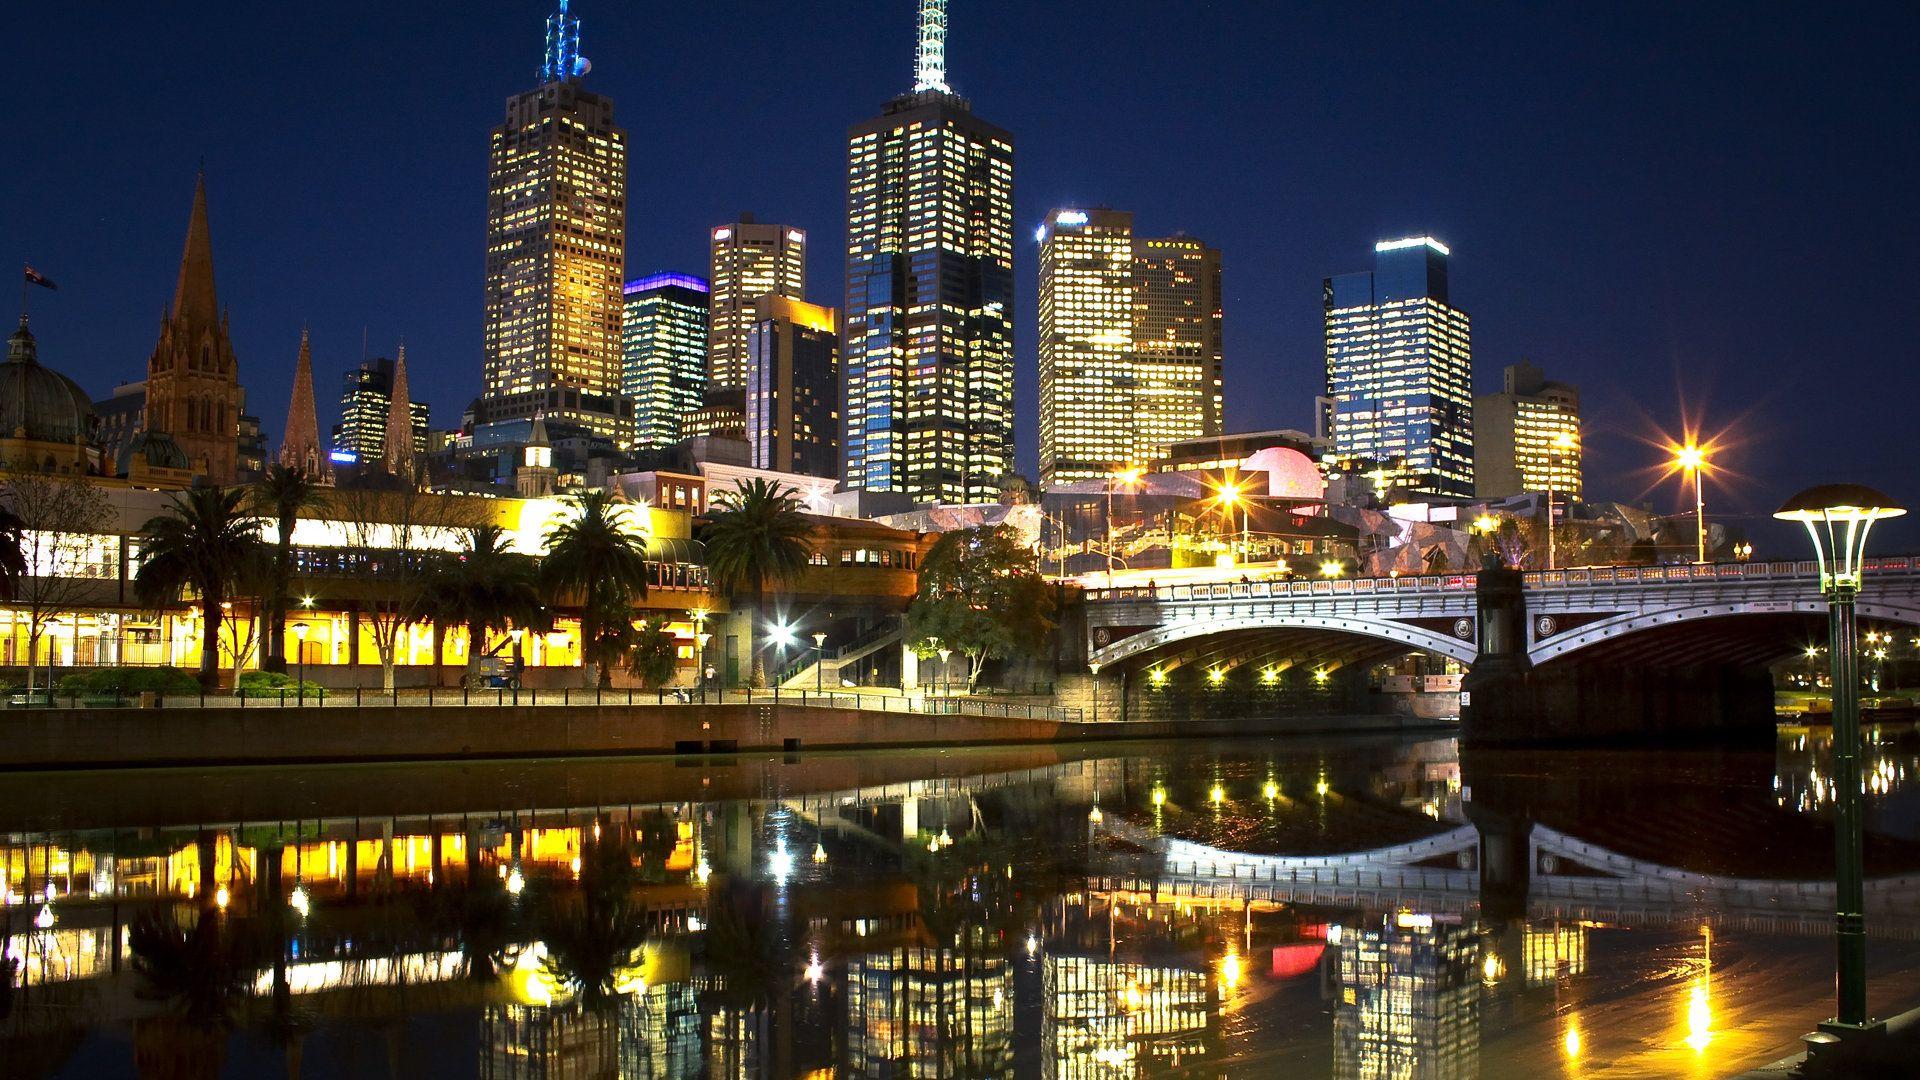 свитер картинки столиц сша франции австралии снимать